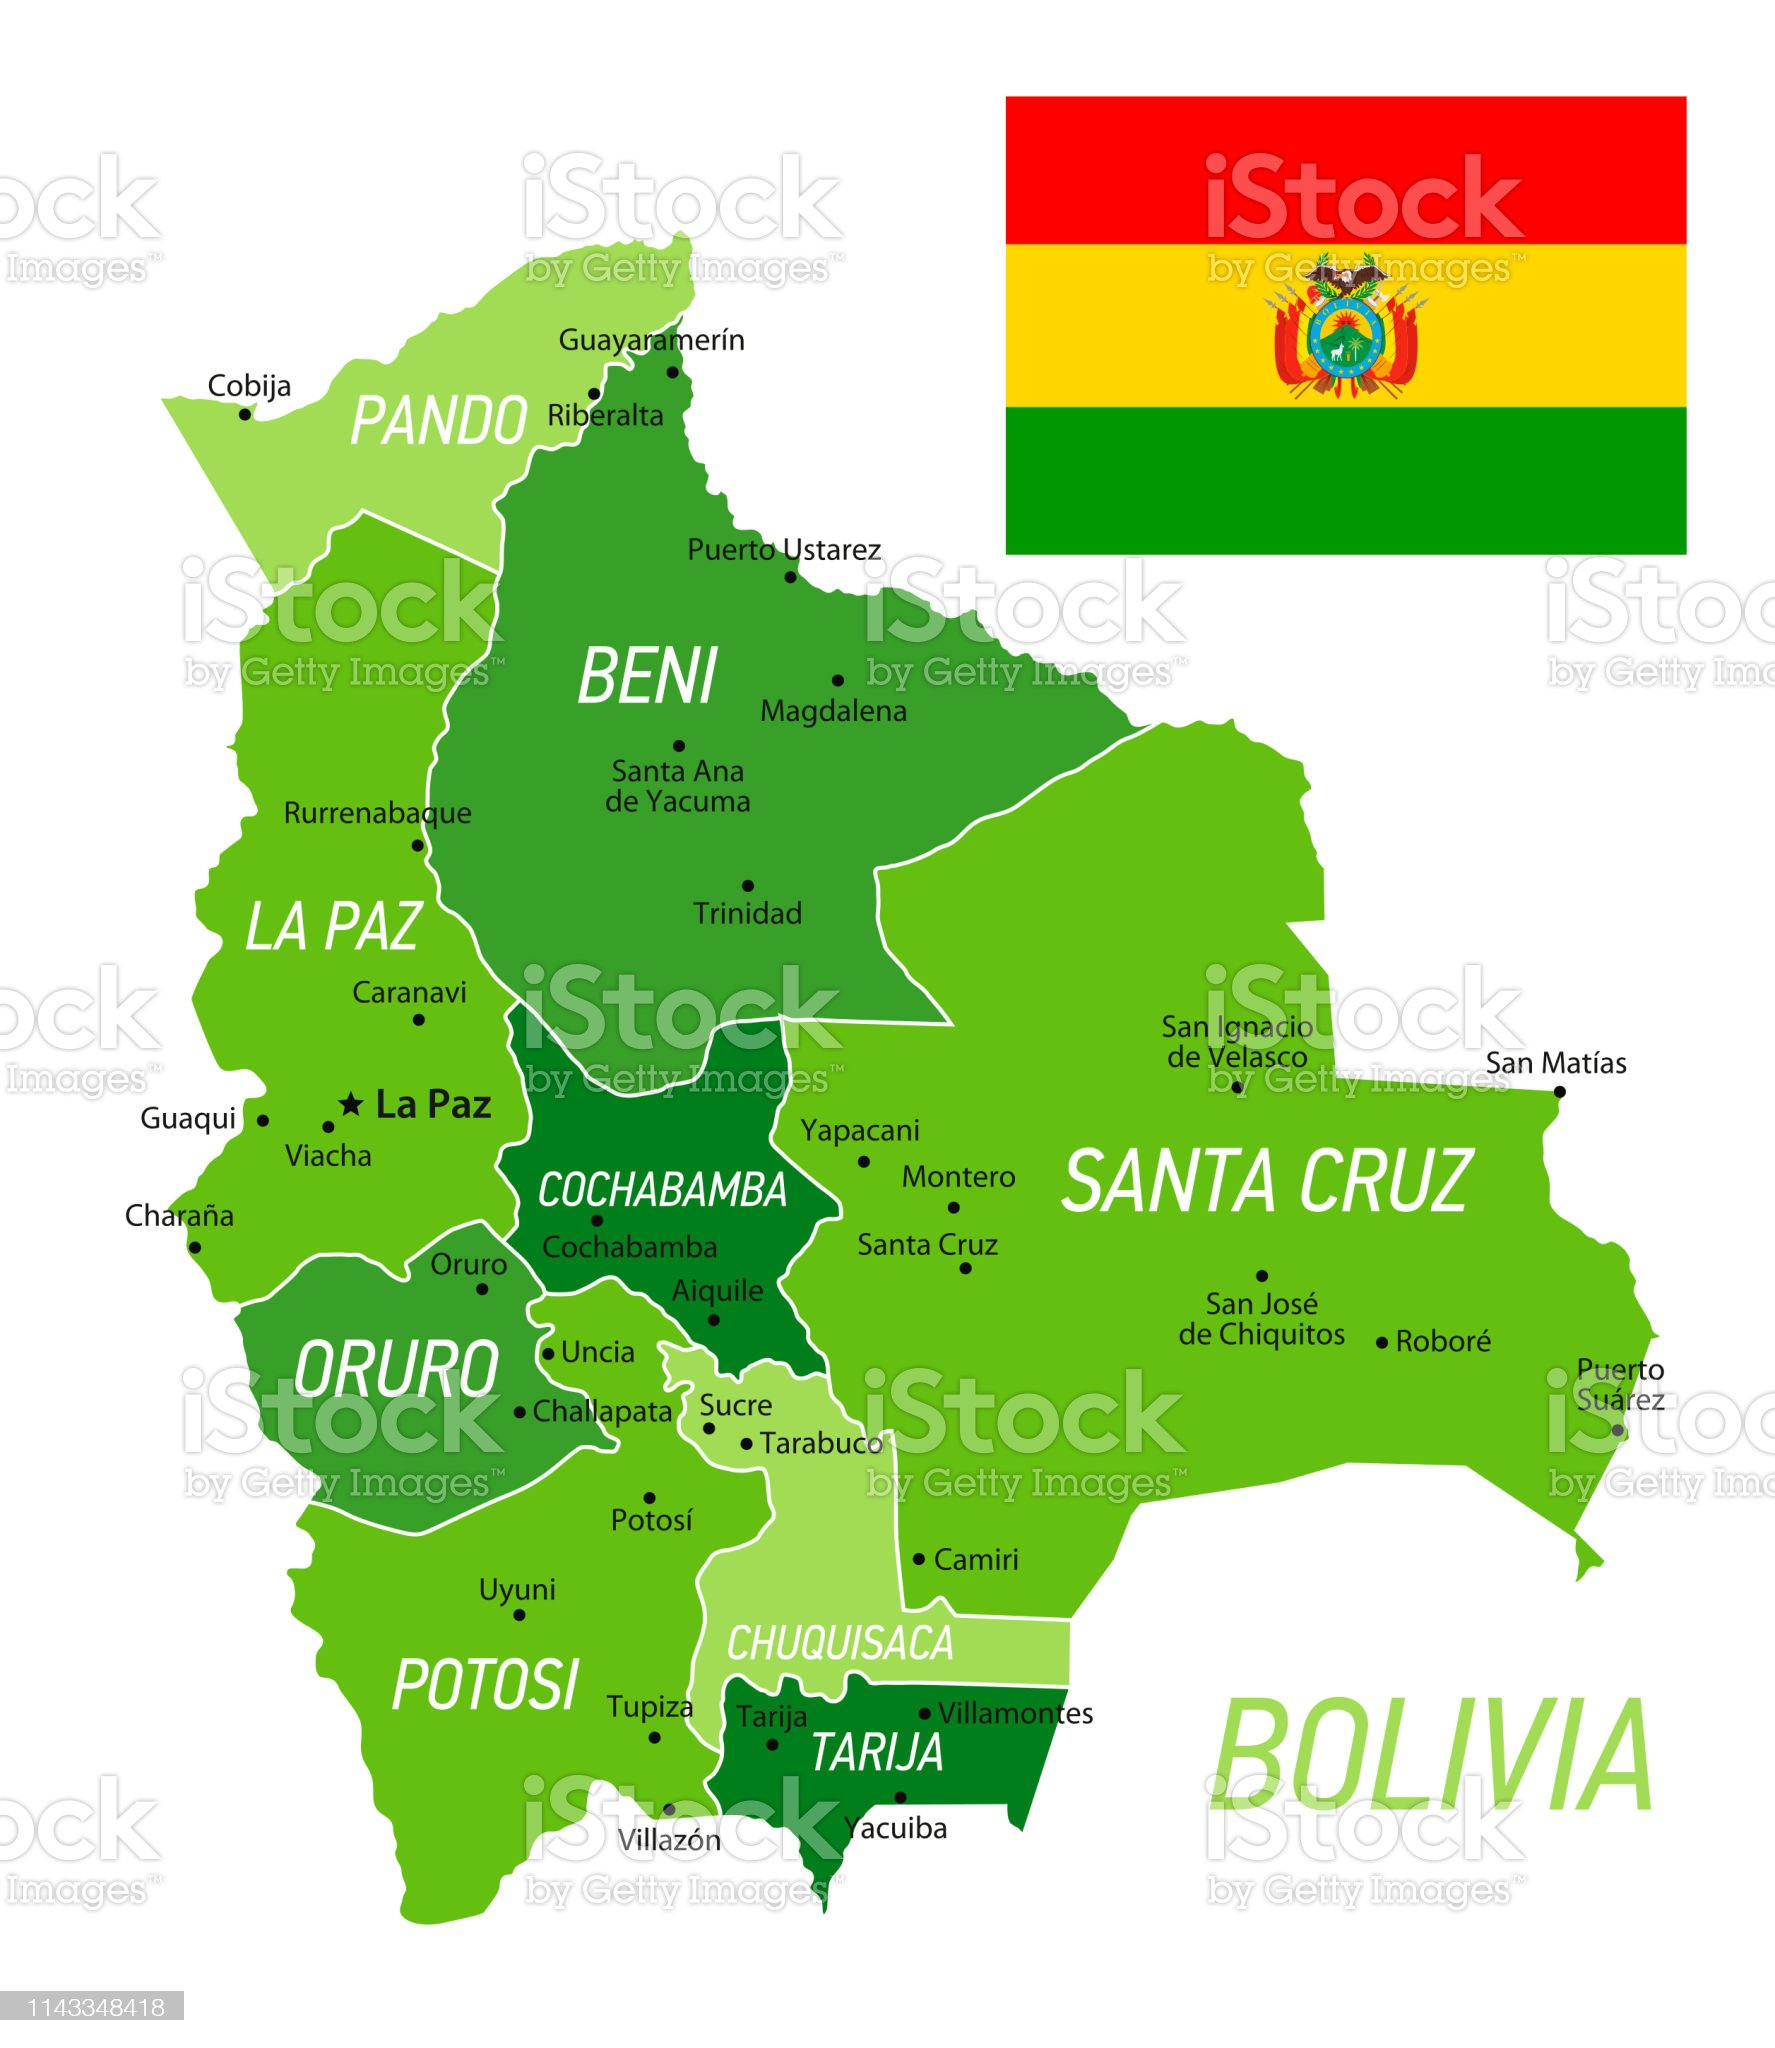 ✓ Imagen de Mapa verde de Bolivia con bandera nacional y provincias. Vector  Illustration Fotografía de Stock